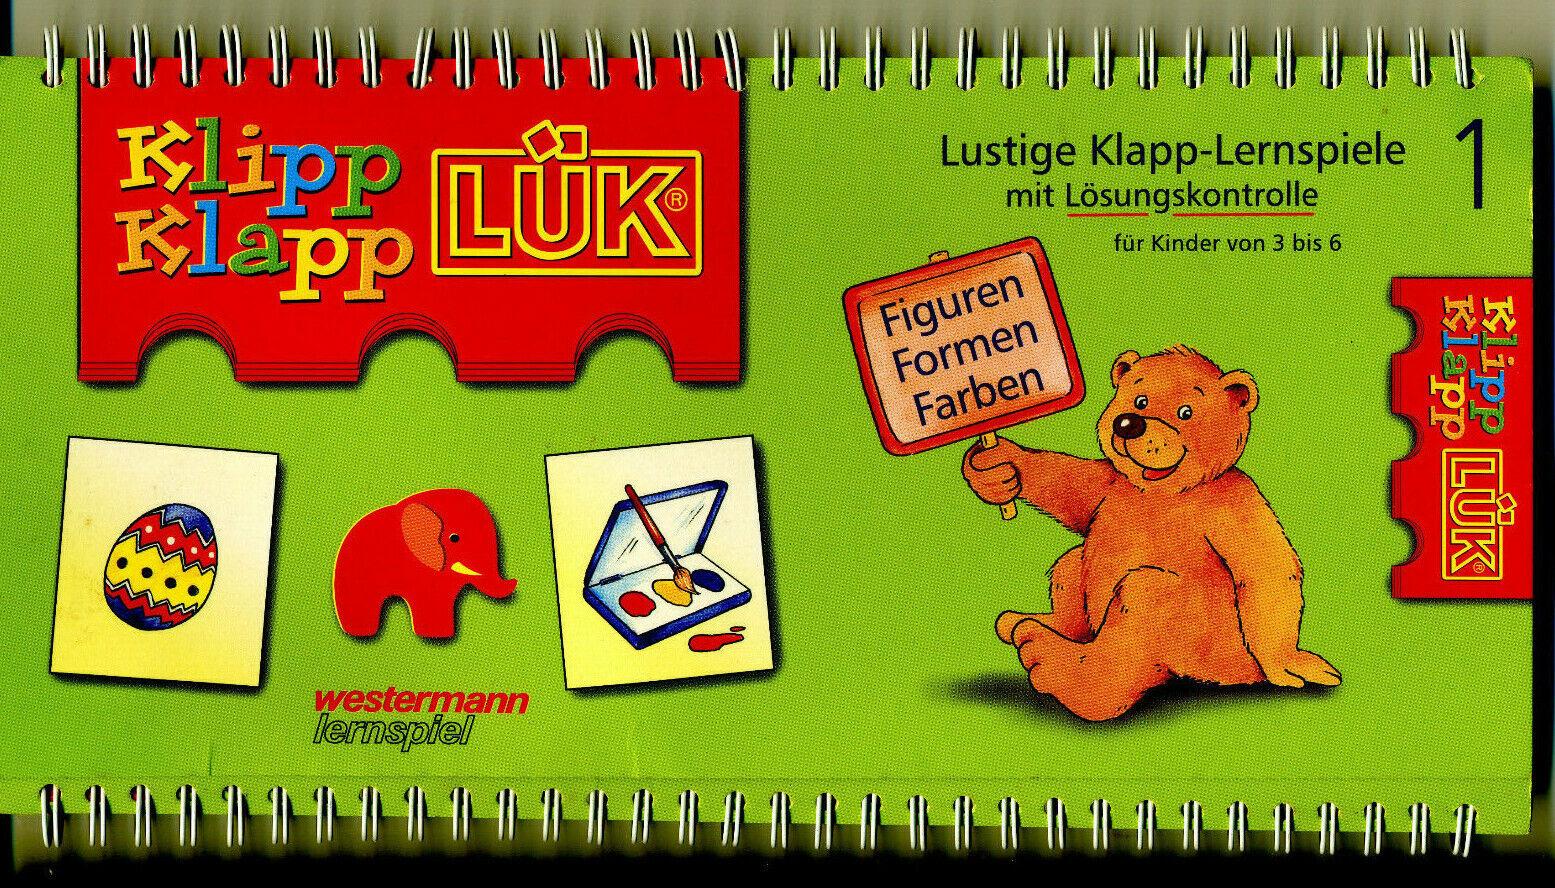 Klipp Klapp LÜK Westermann Lernspiel Figuren Formen Farben für Kinder 3-6 Jahre - Friedrich Dandl